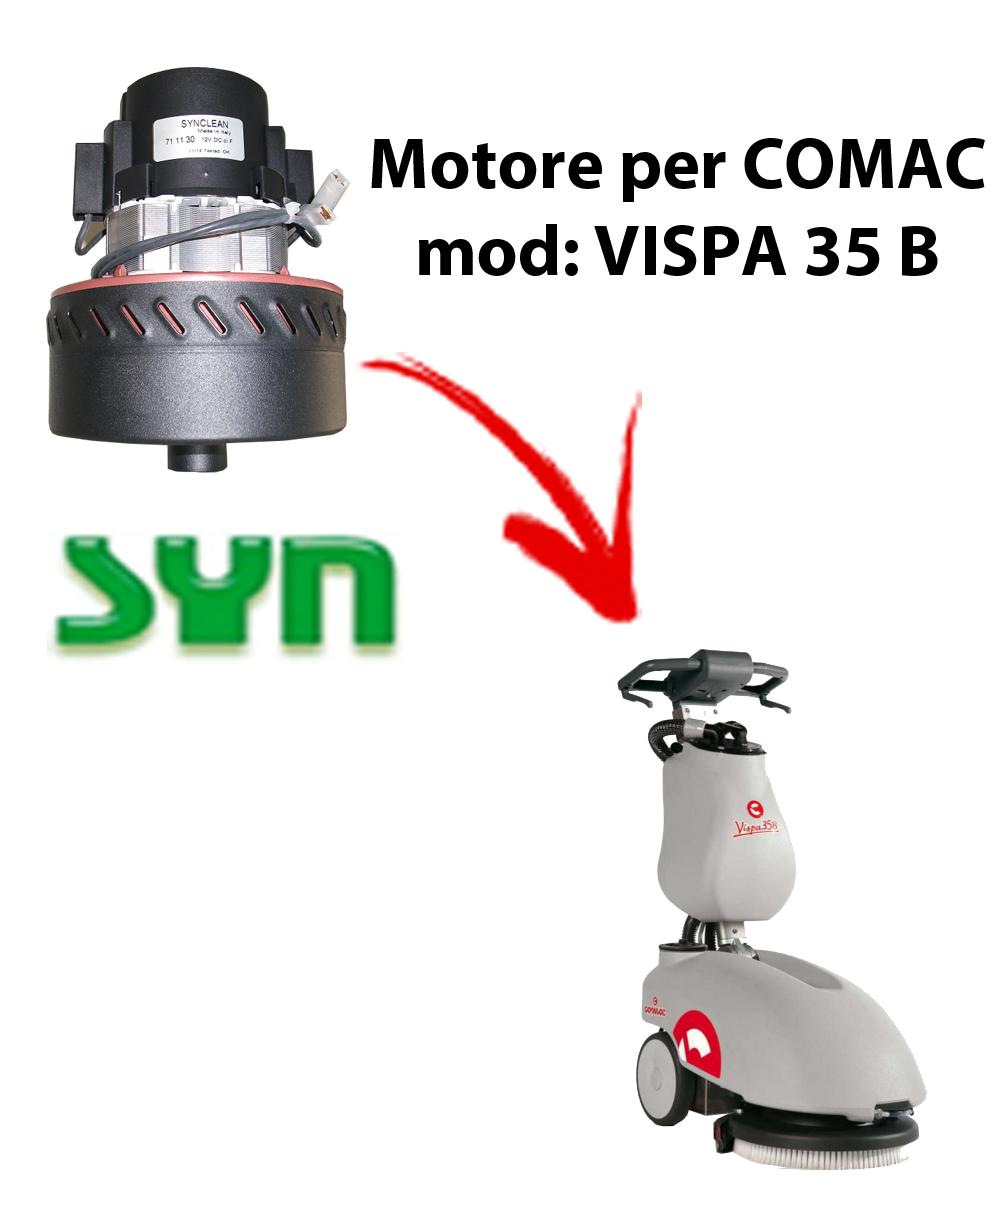 VISPA 35 B Motore di aspirazione Synclean per lavapavimenti Comac